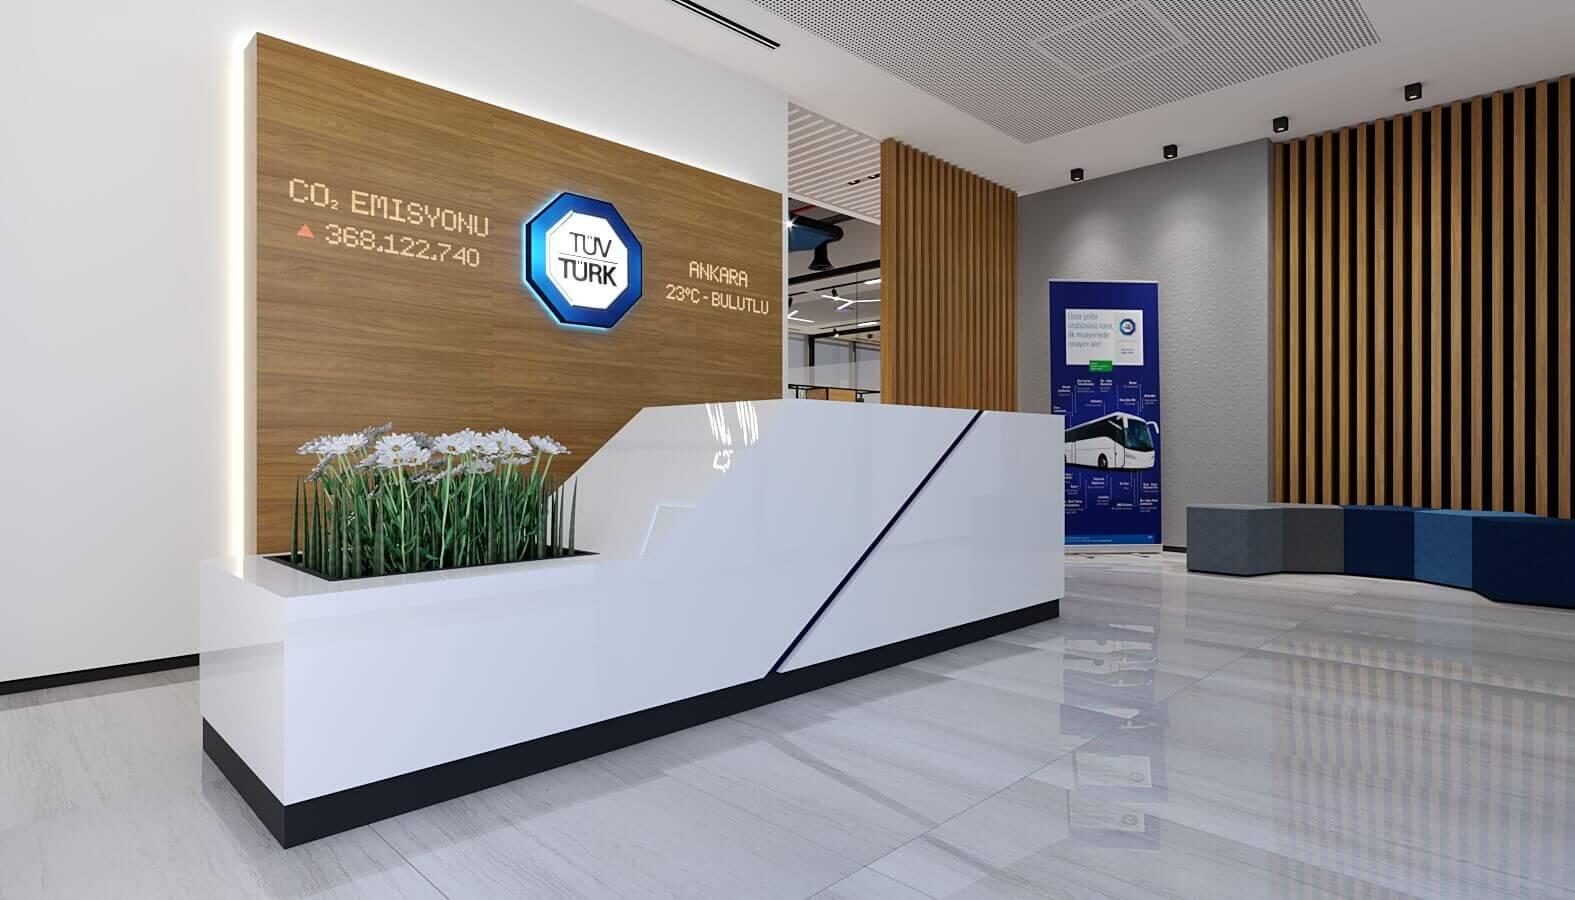 office design 3846 Tuvturk Ankara Office Offices